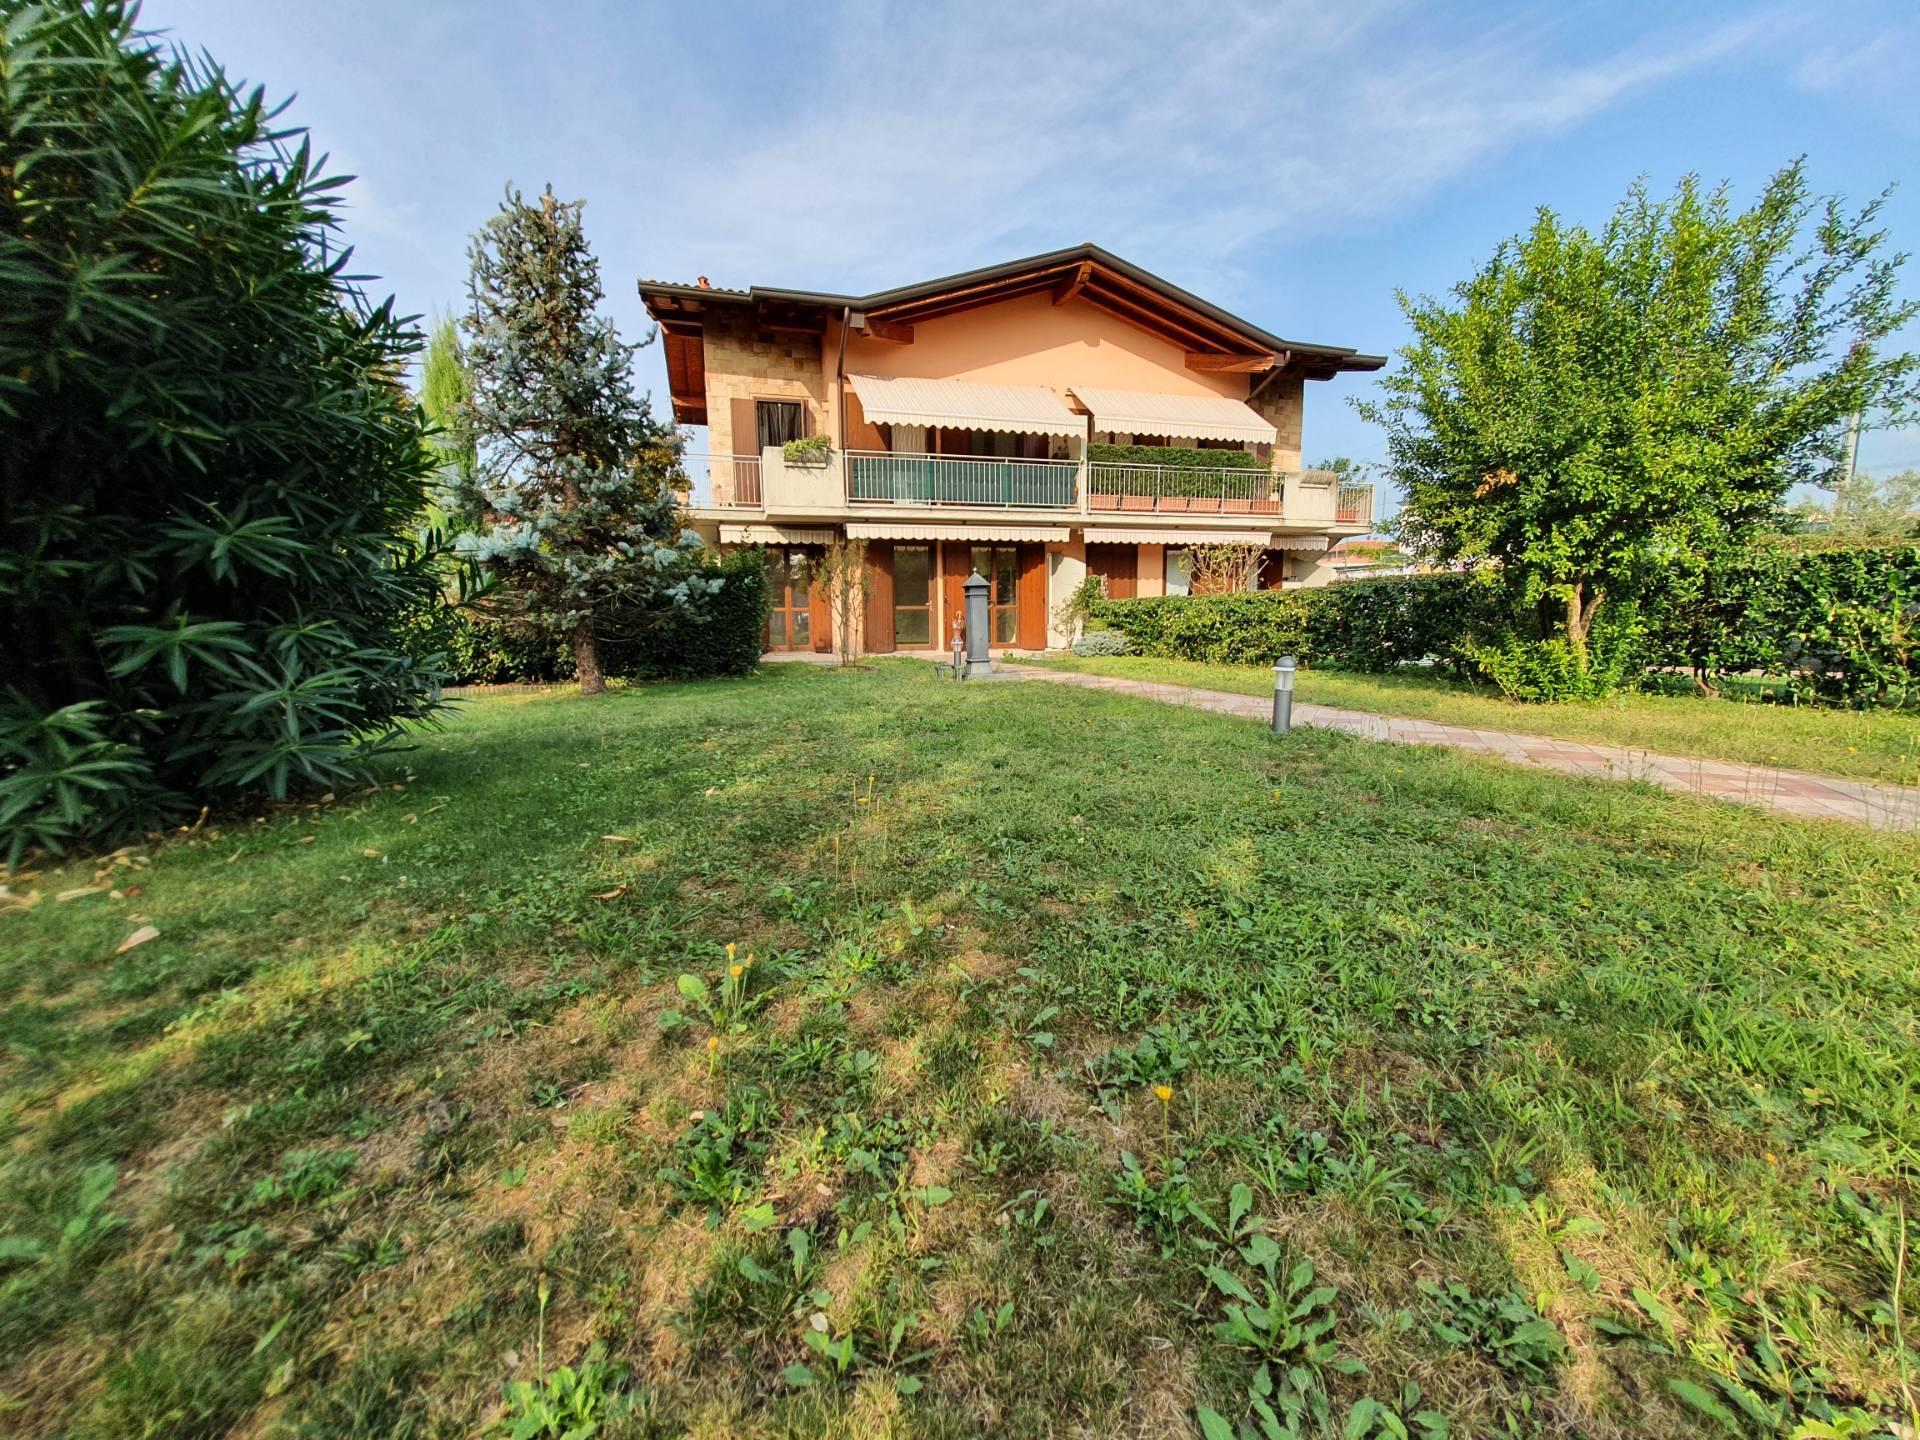 Appartamento in vendita a Seriate, 3 locali, prezzo € 209.000 | CambioCasa.it